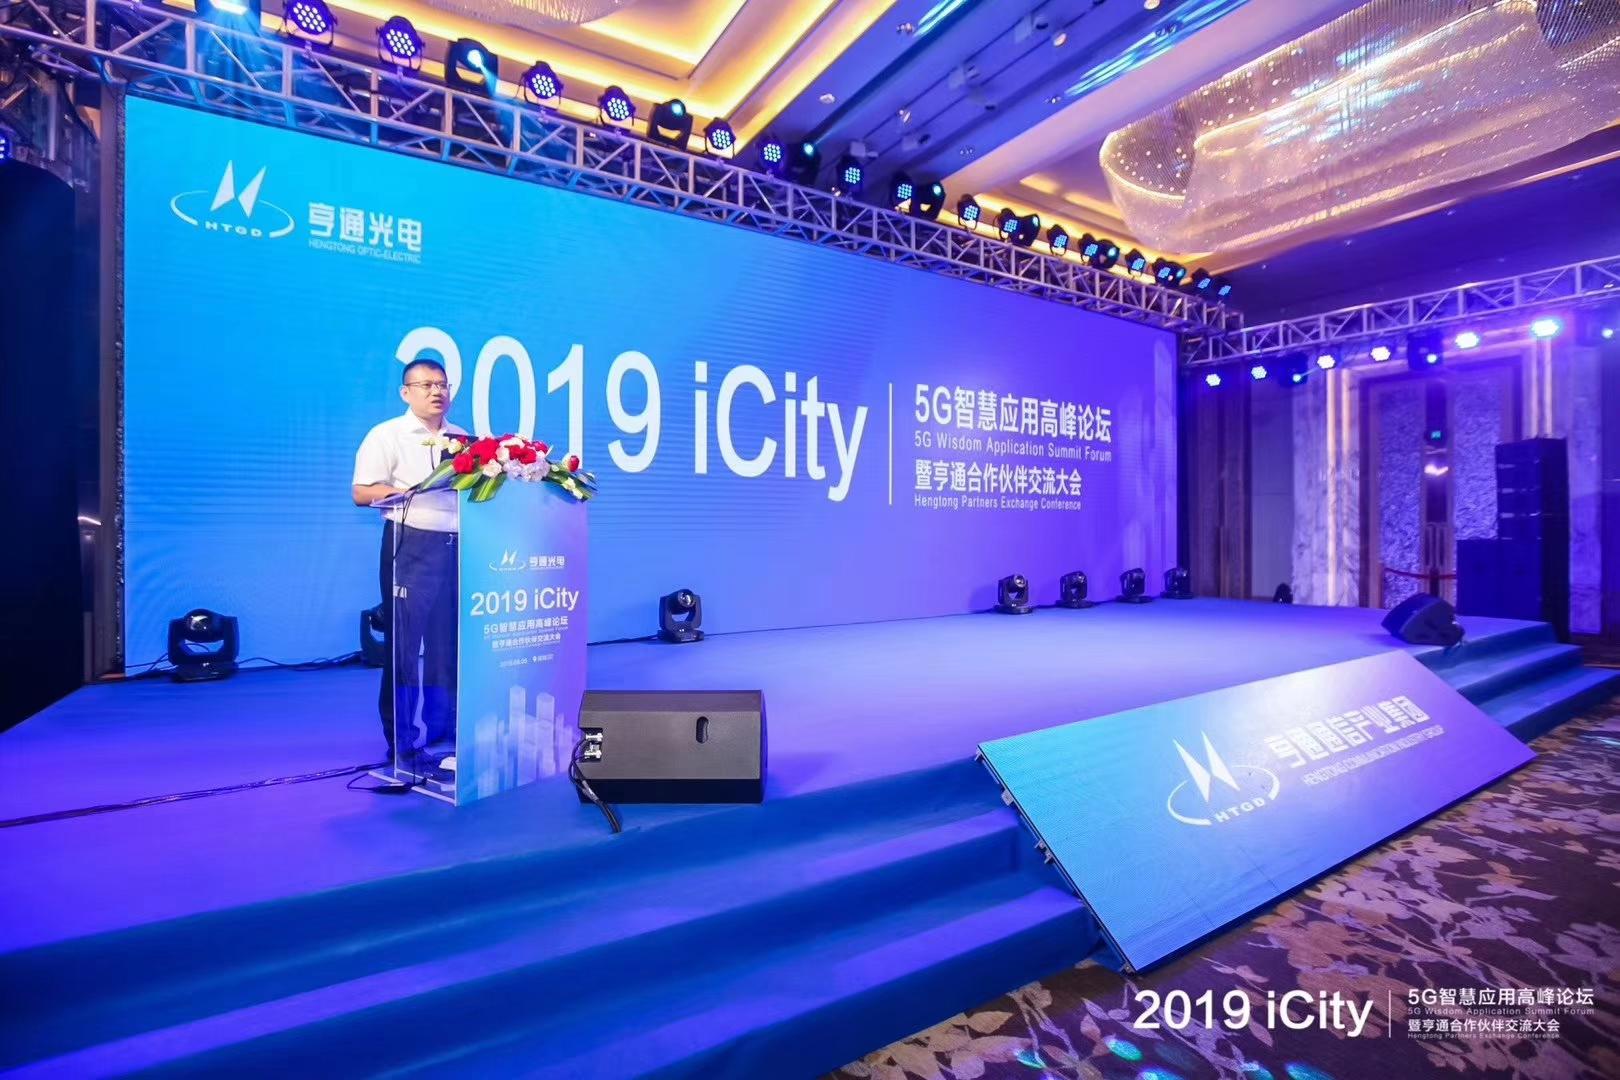 亨通2019 iCity 5G智慧应用高峰论坛